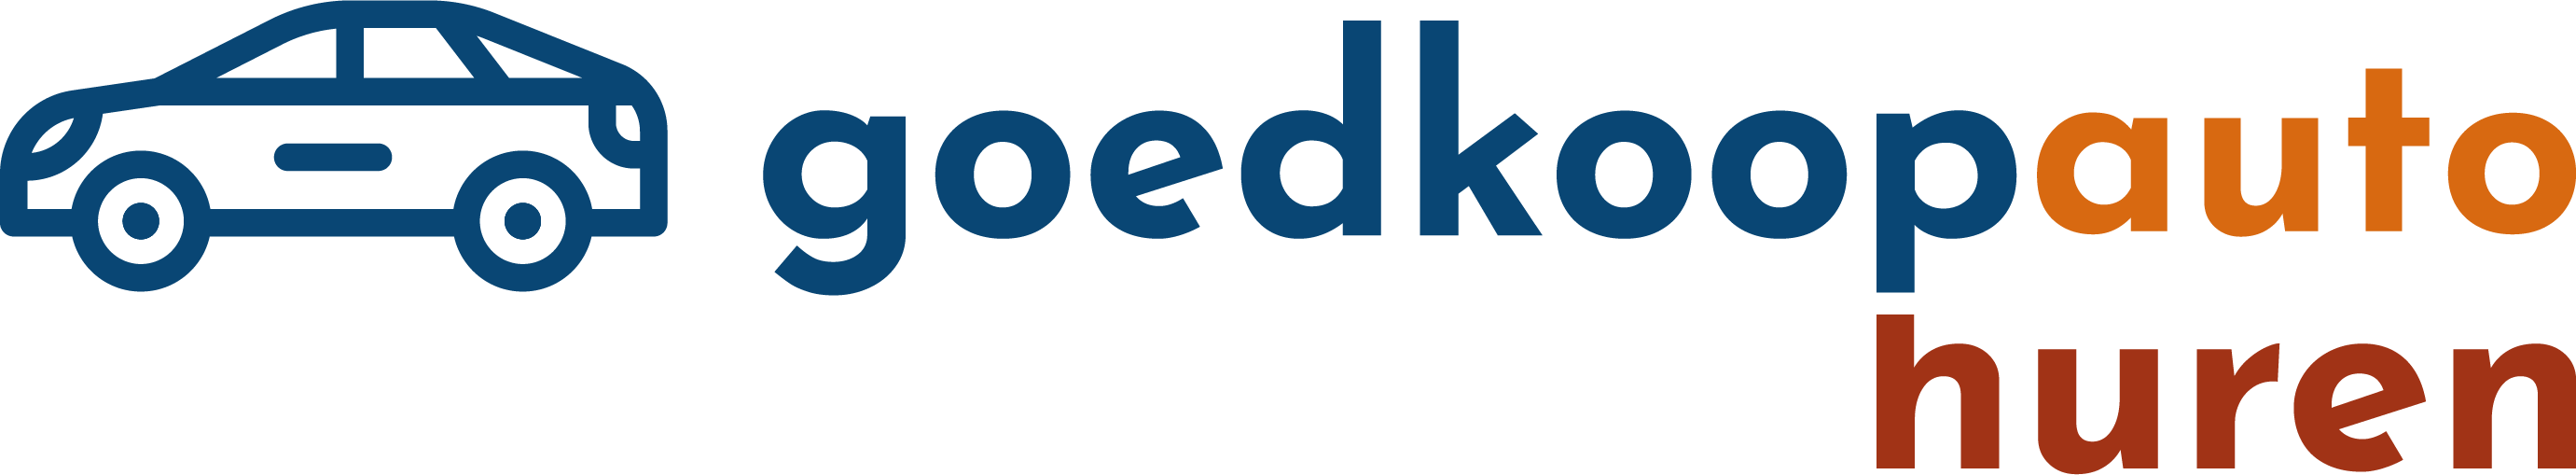 goedkoopautohuren.nl-logo